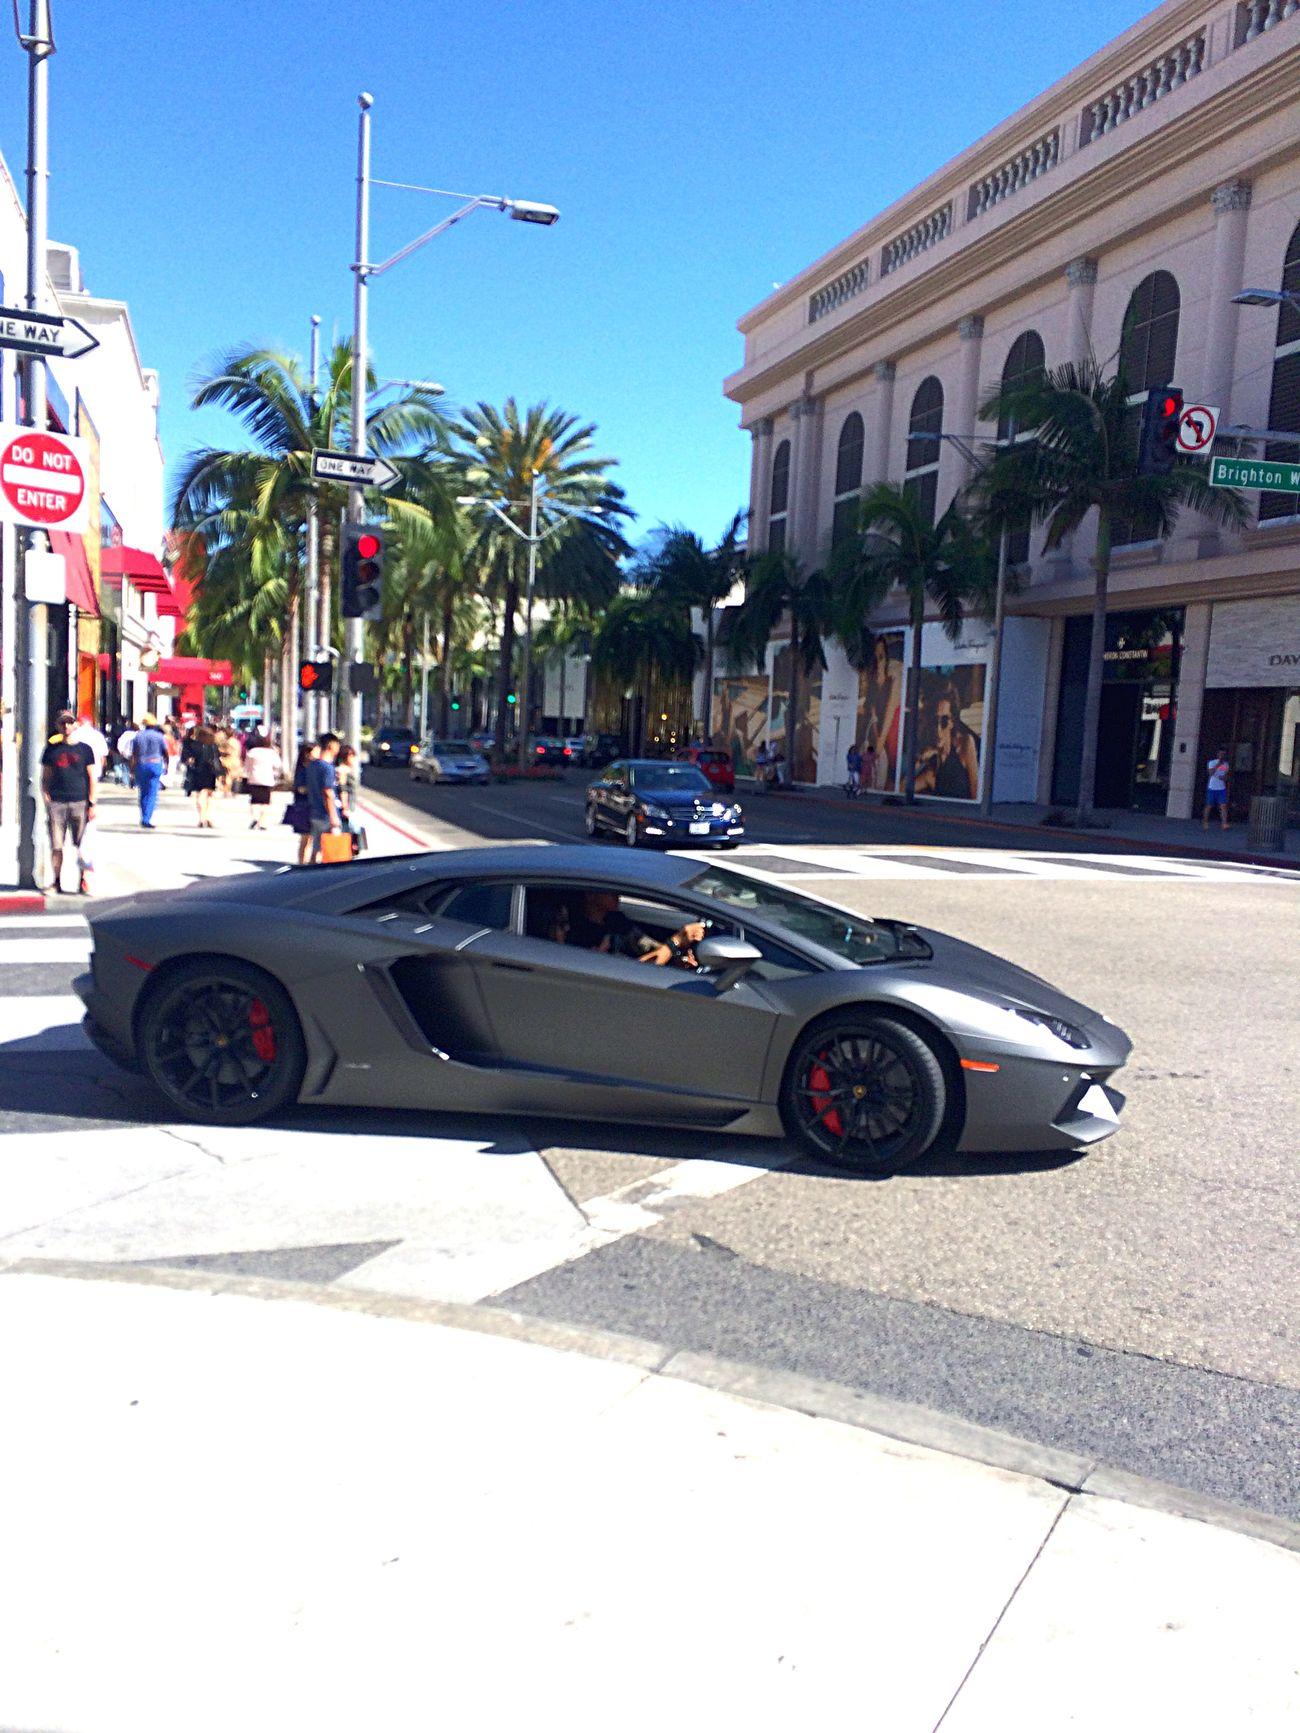 ロサンゼルス ビバリーヒルズ ロデオドライブ Losangeles Beverly Hills Rodeodrive ランボルギーニ アベンタドール Lamborghini Aventador Lamborghini